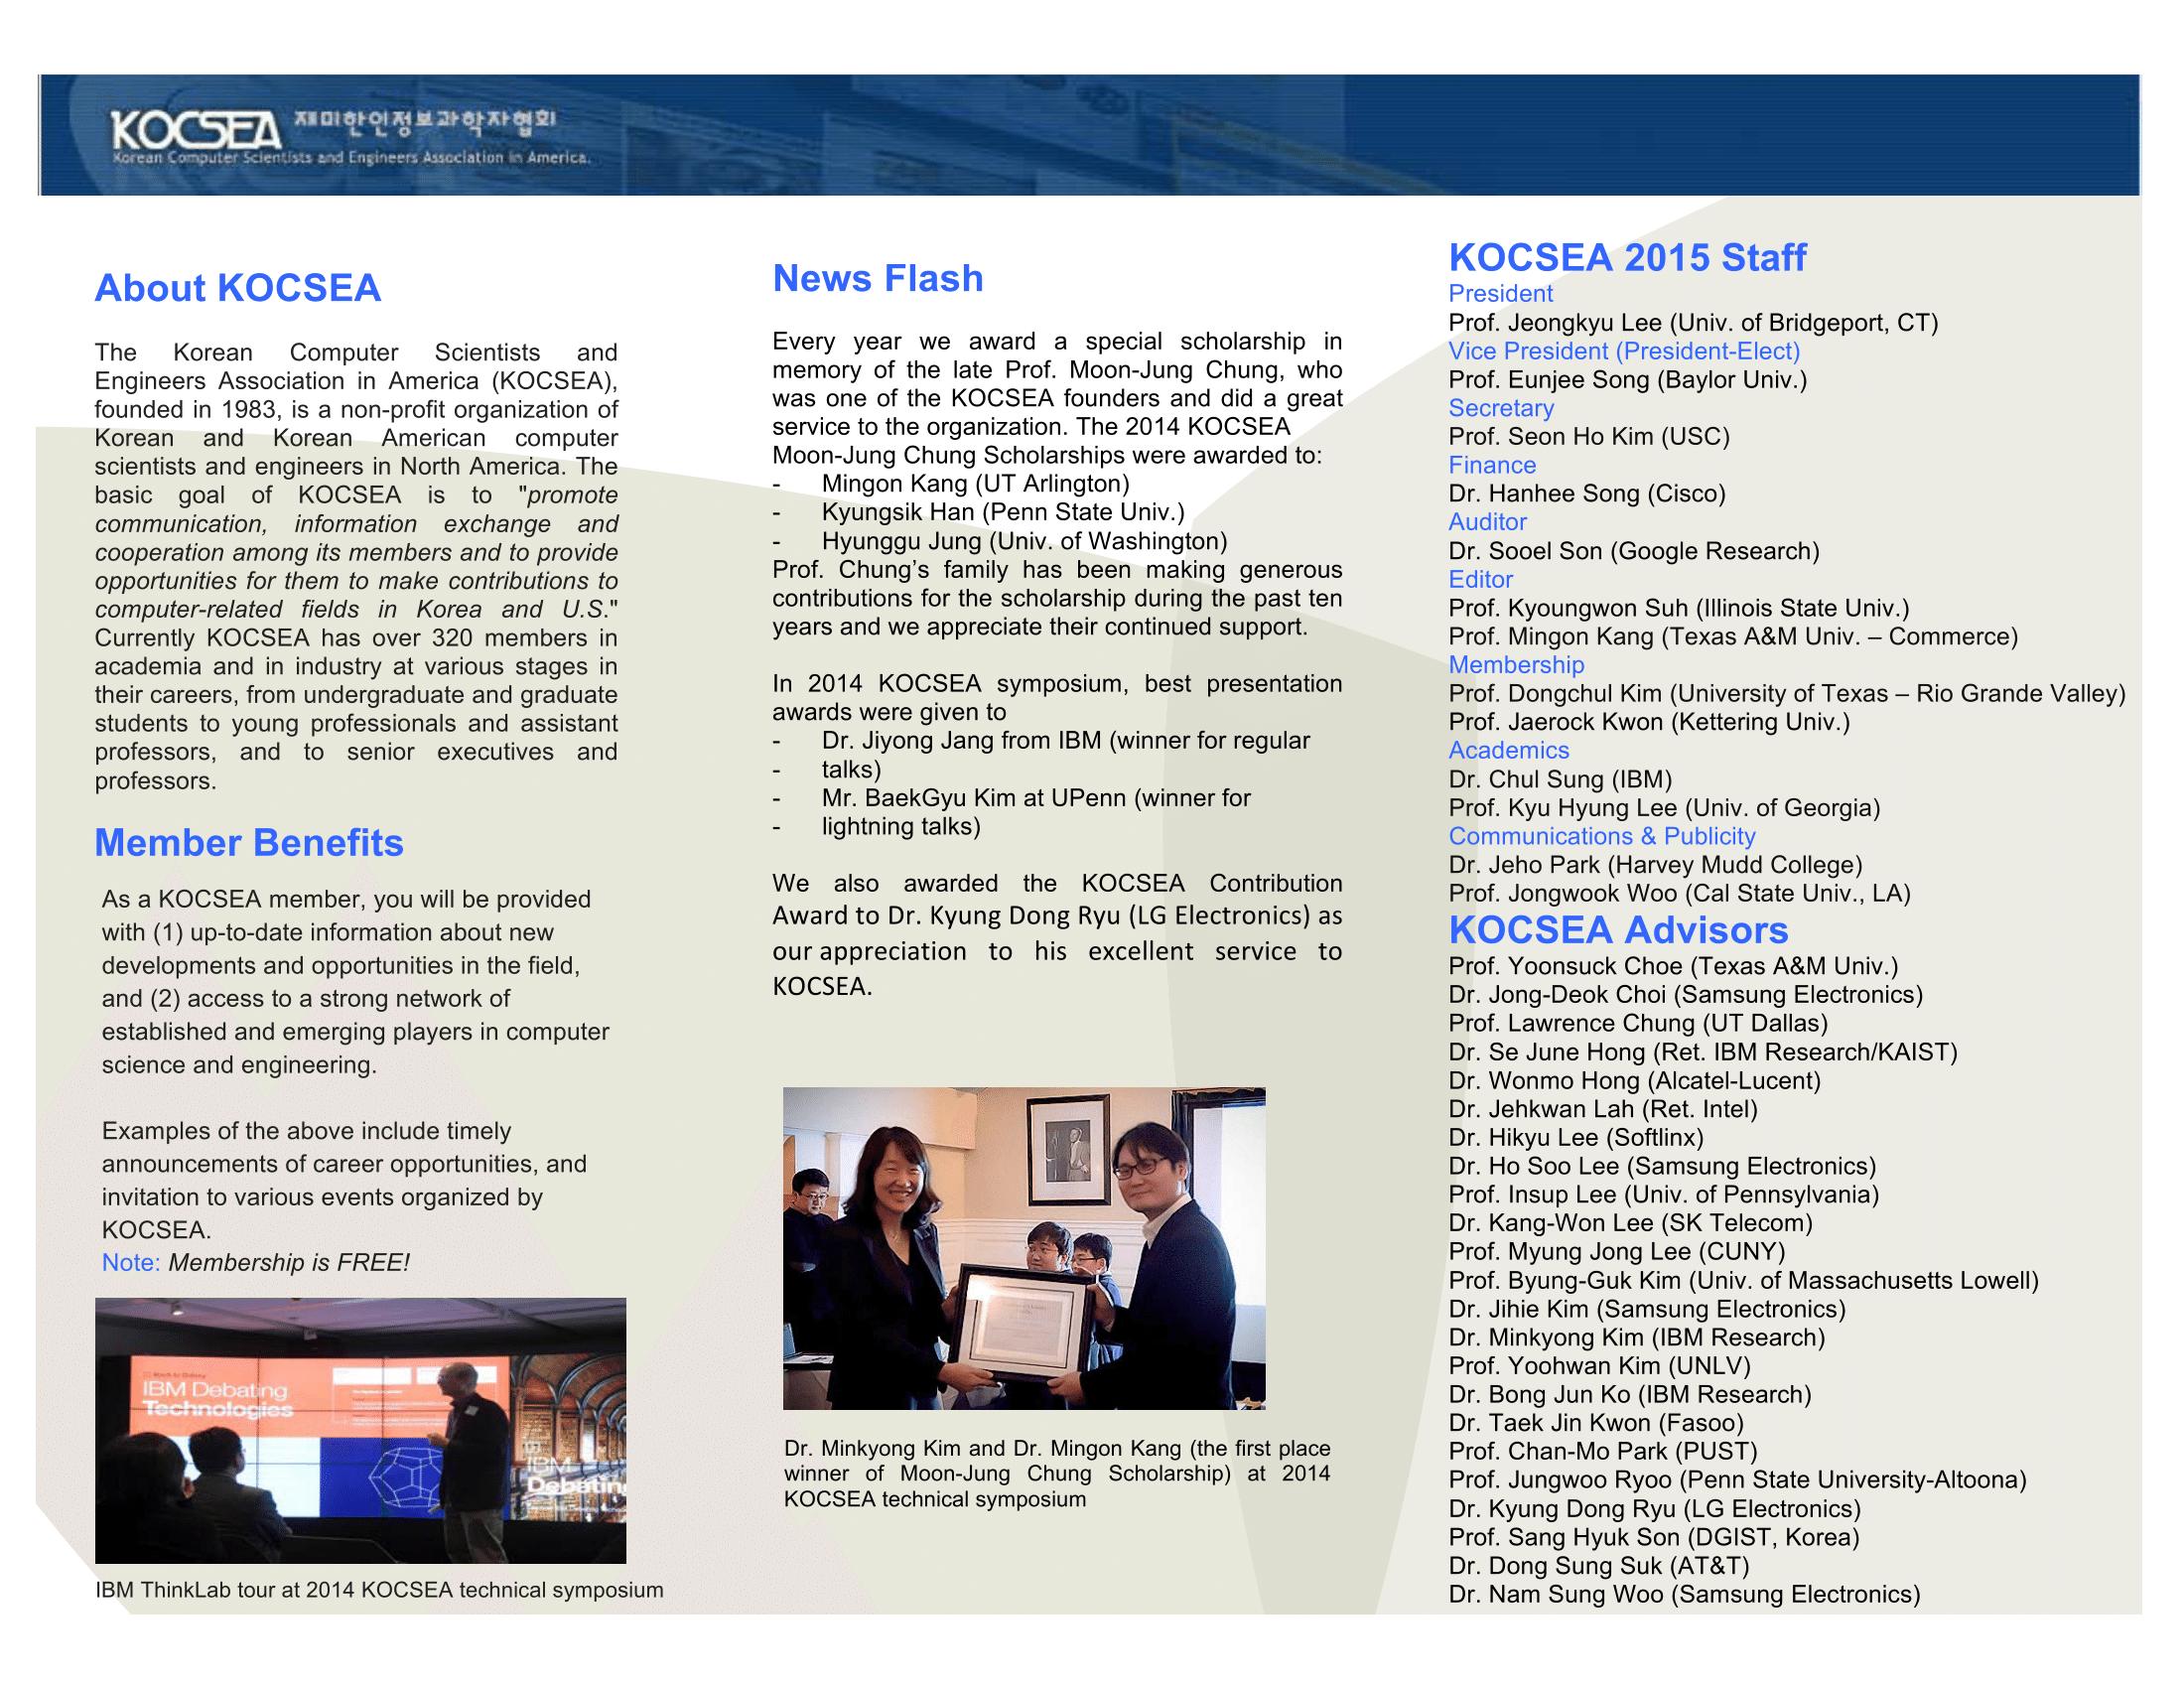 KOCSEA-flyer-2014-final-page2